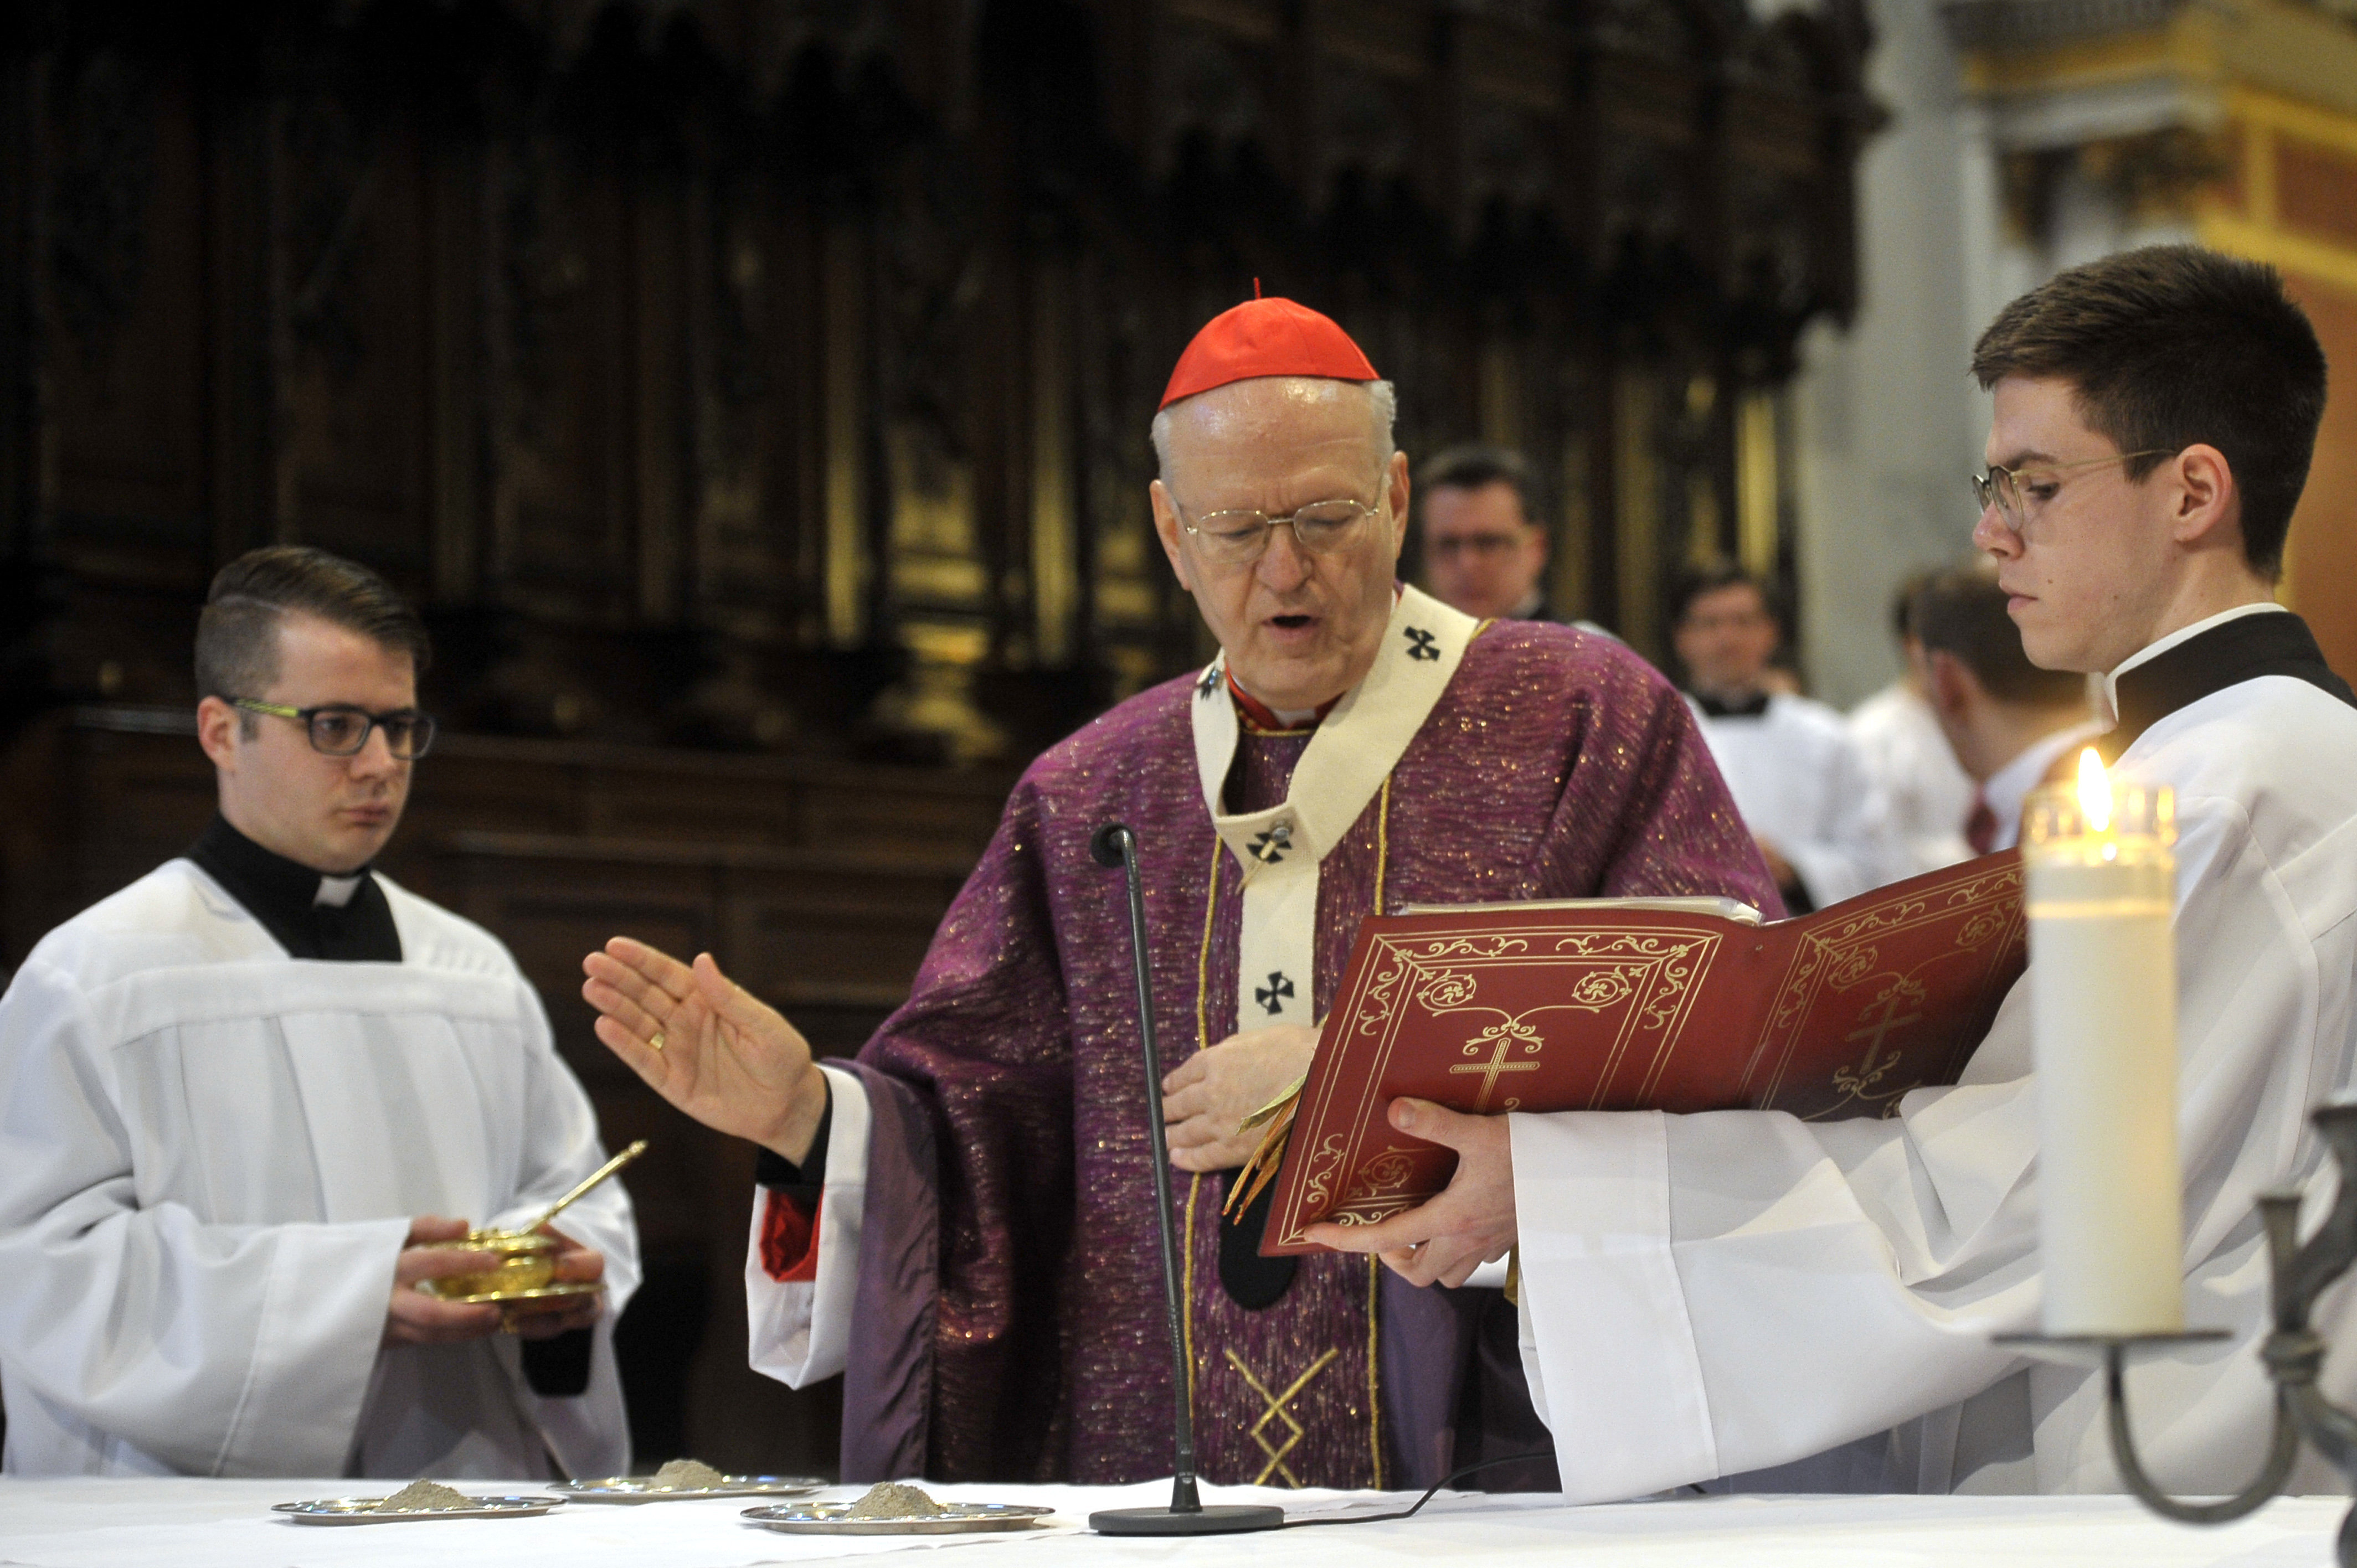 Cardinal Erdő